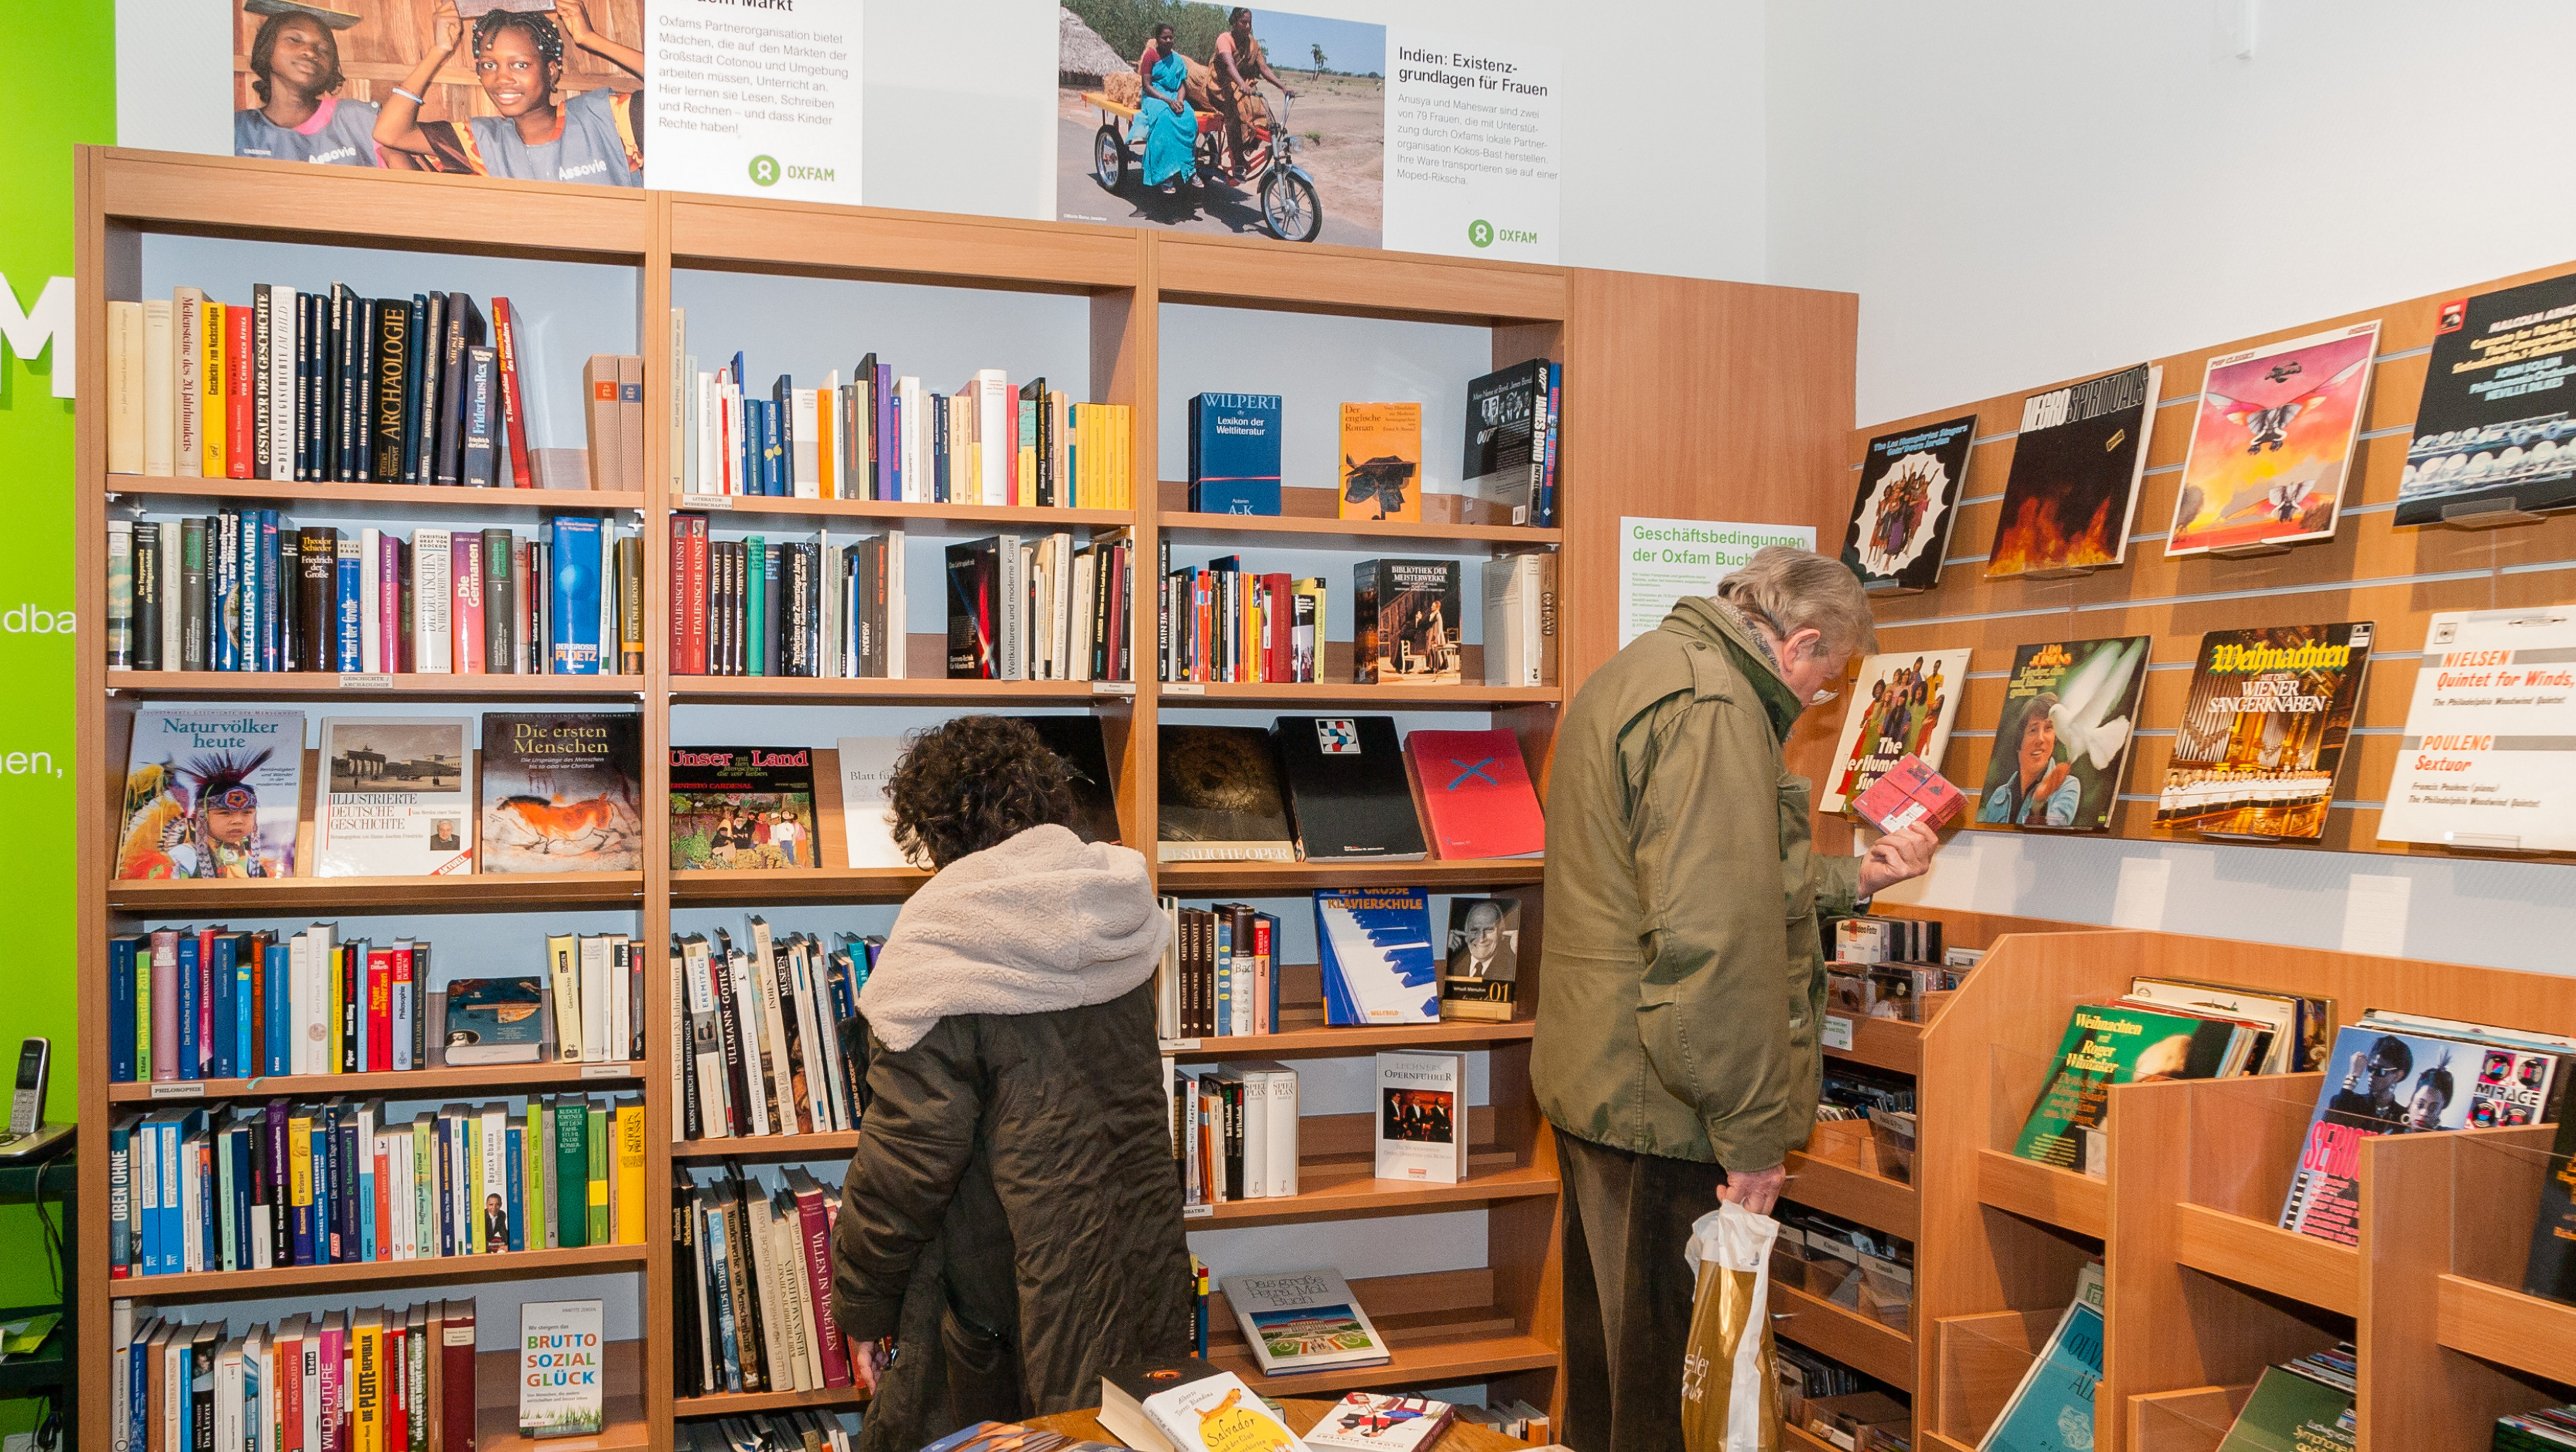 Oxfam Shop Darmstadt - Buchshop Innenansicht